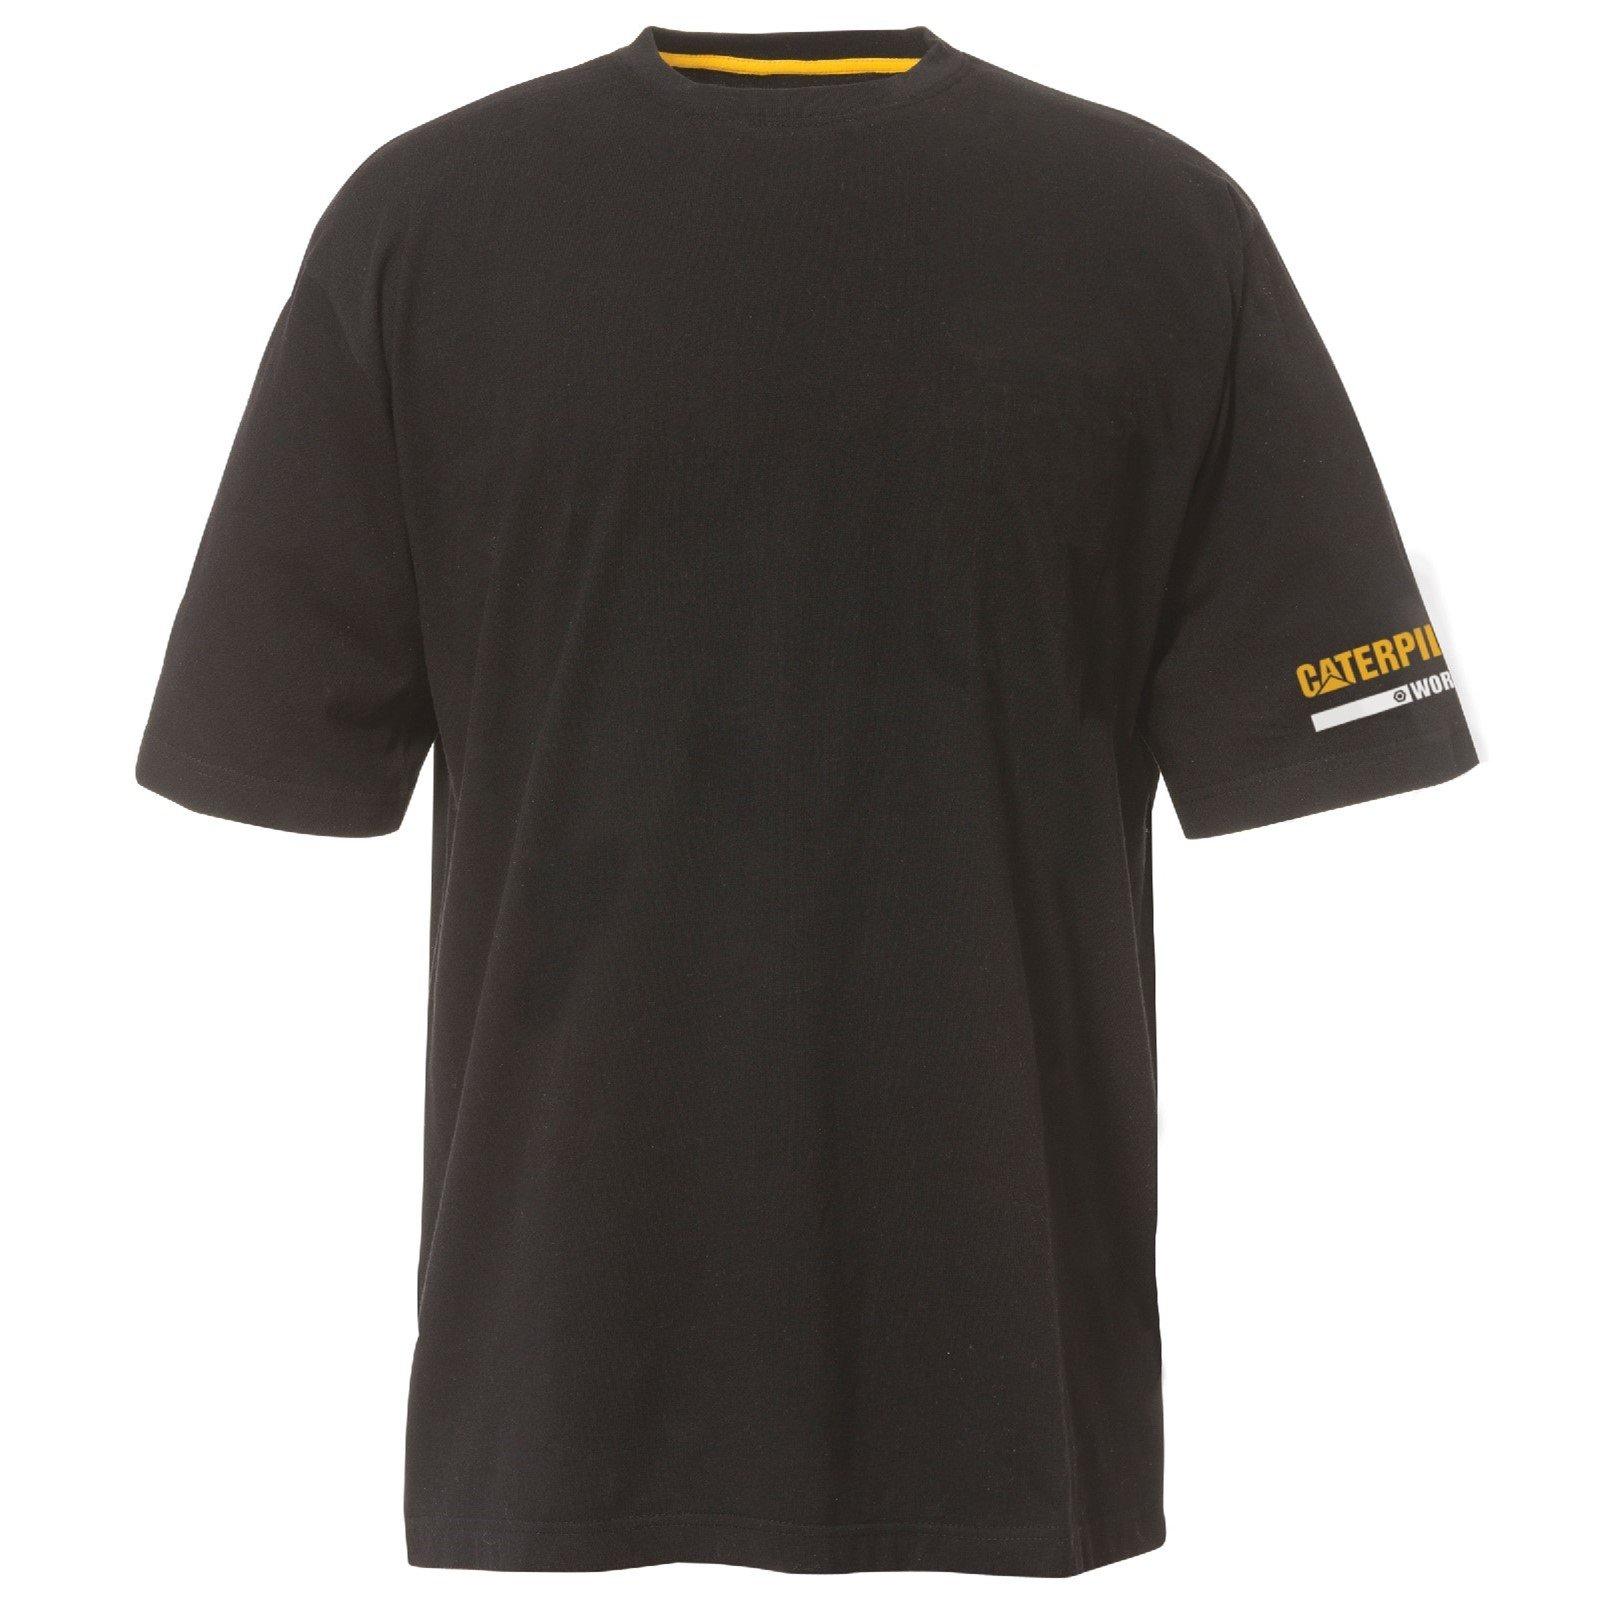 Caterpillar Men's Essentials SS T-Shirt Various Colours 28885-48760 - Black Med